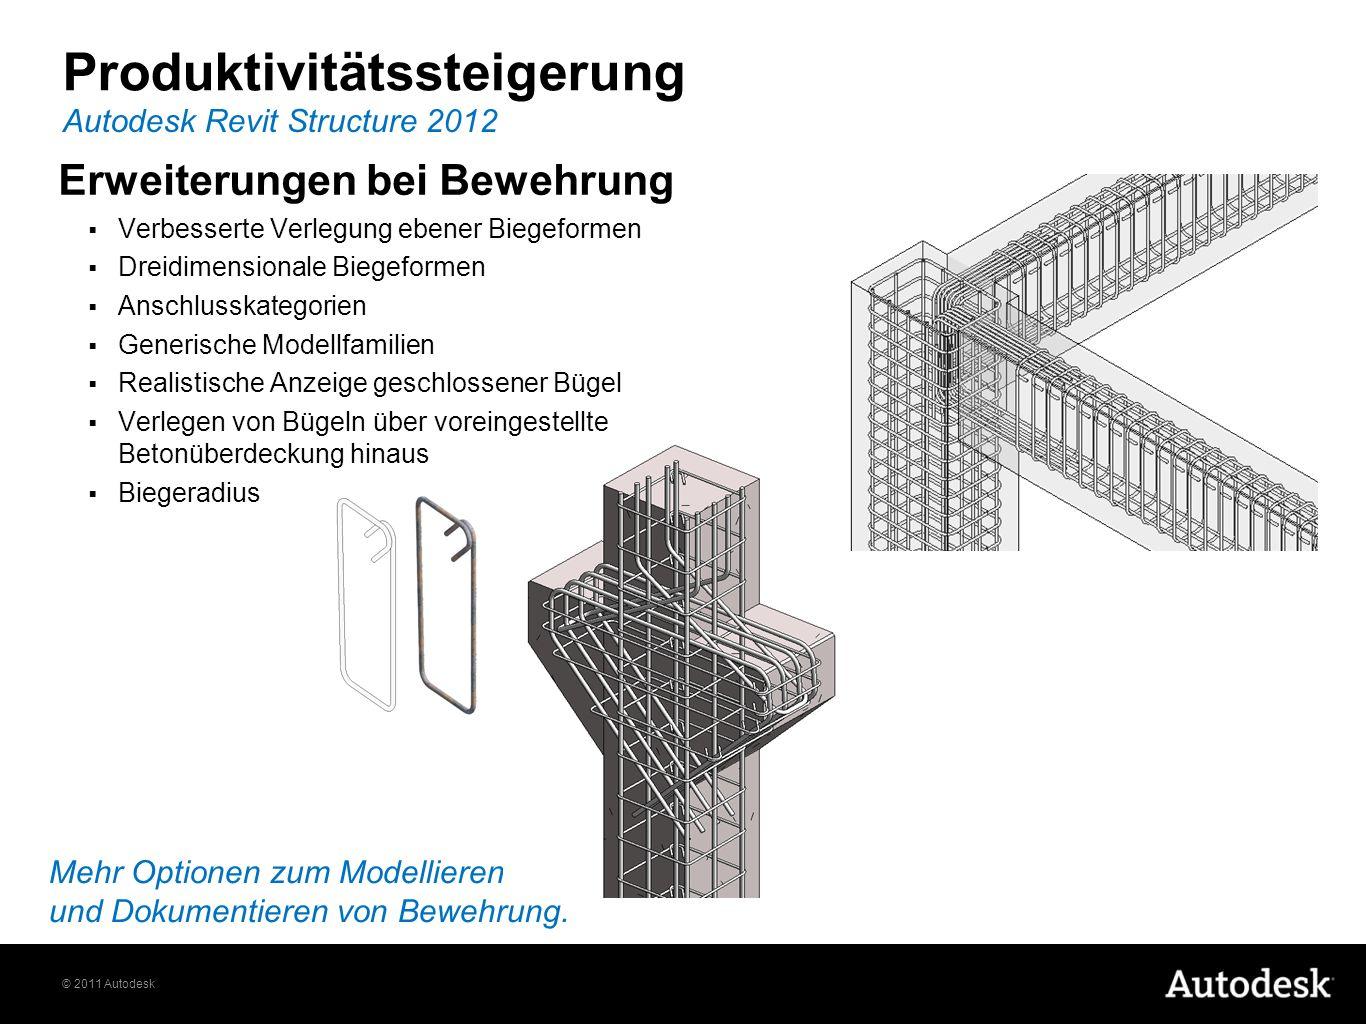 © 2011 Autodesk Autodesk Revit Structure 2012 Produktivitätssteigerung Die größere Flexibilität bei der Modellierung ermöglicht eine einfachere und optimierte Planung.